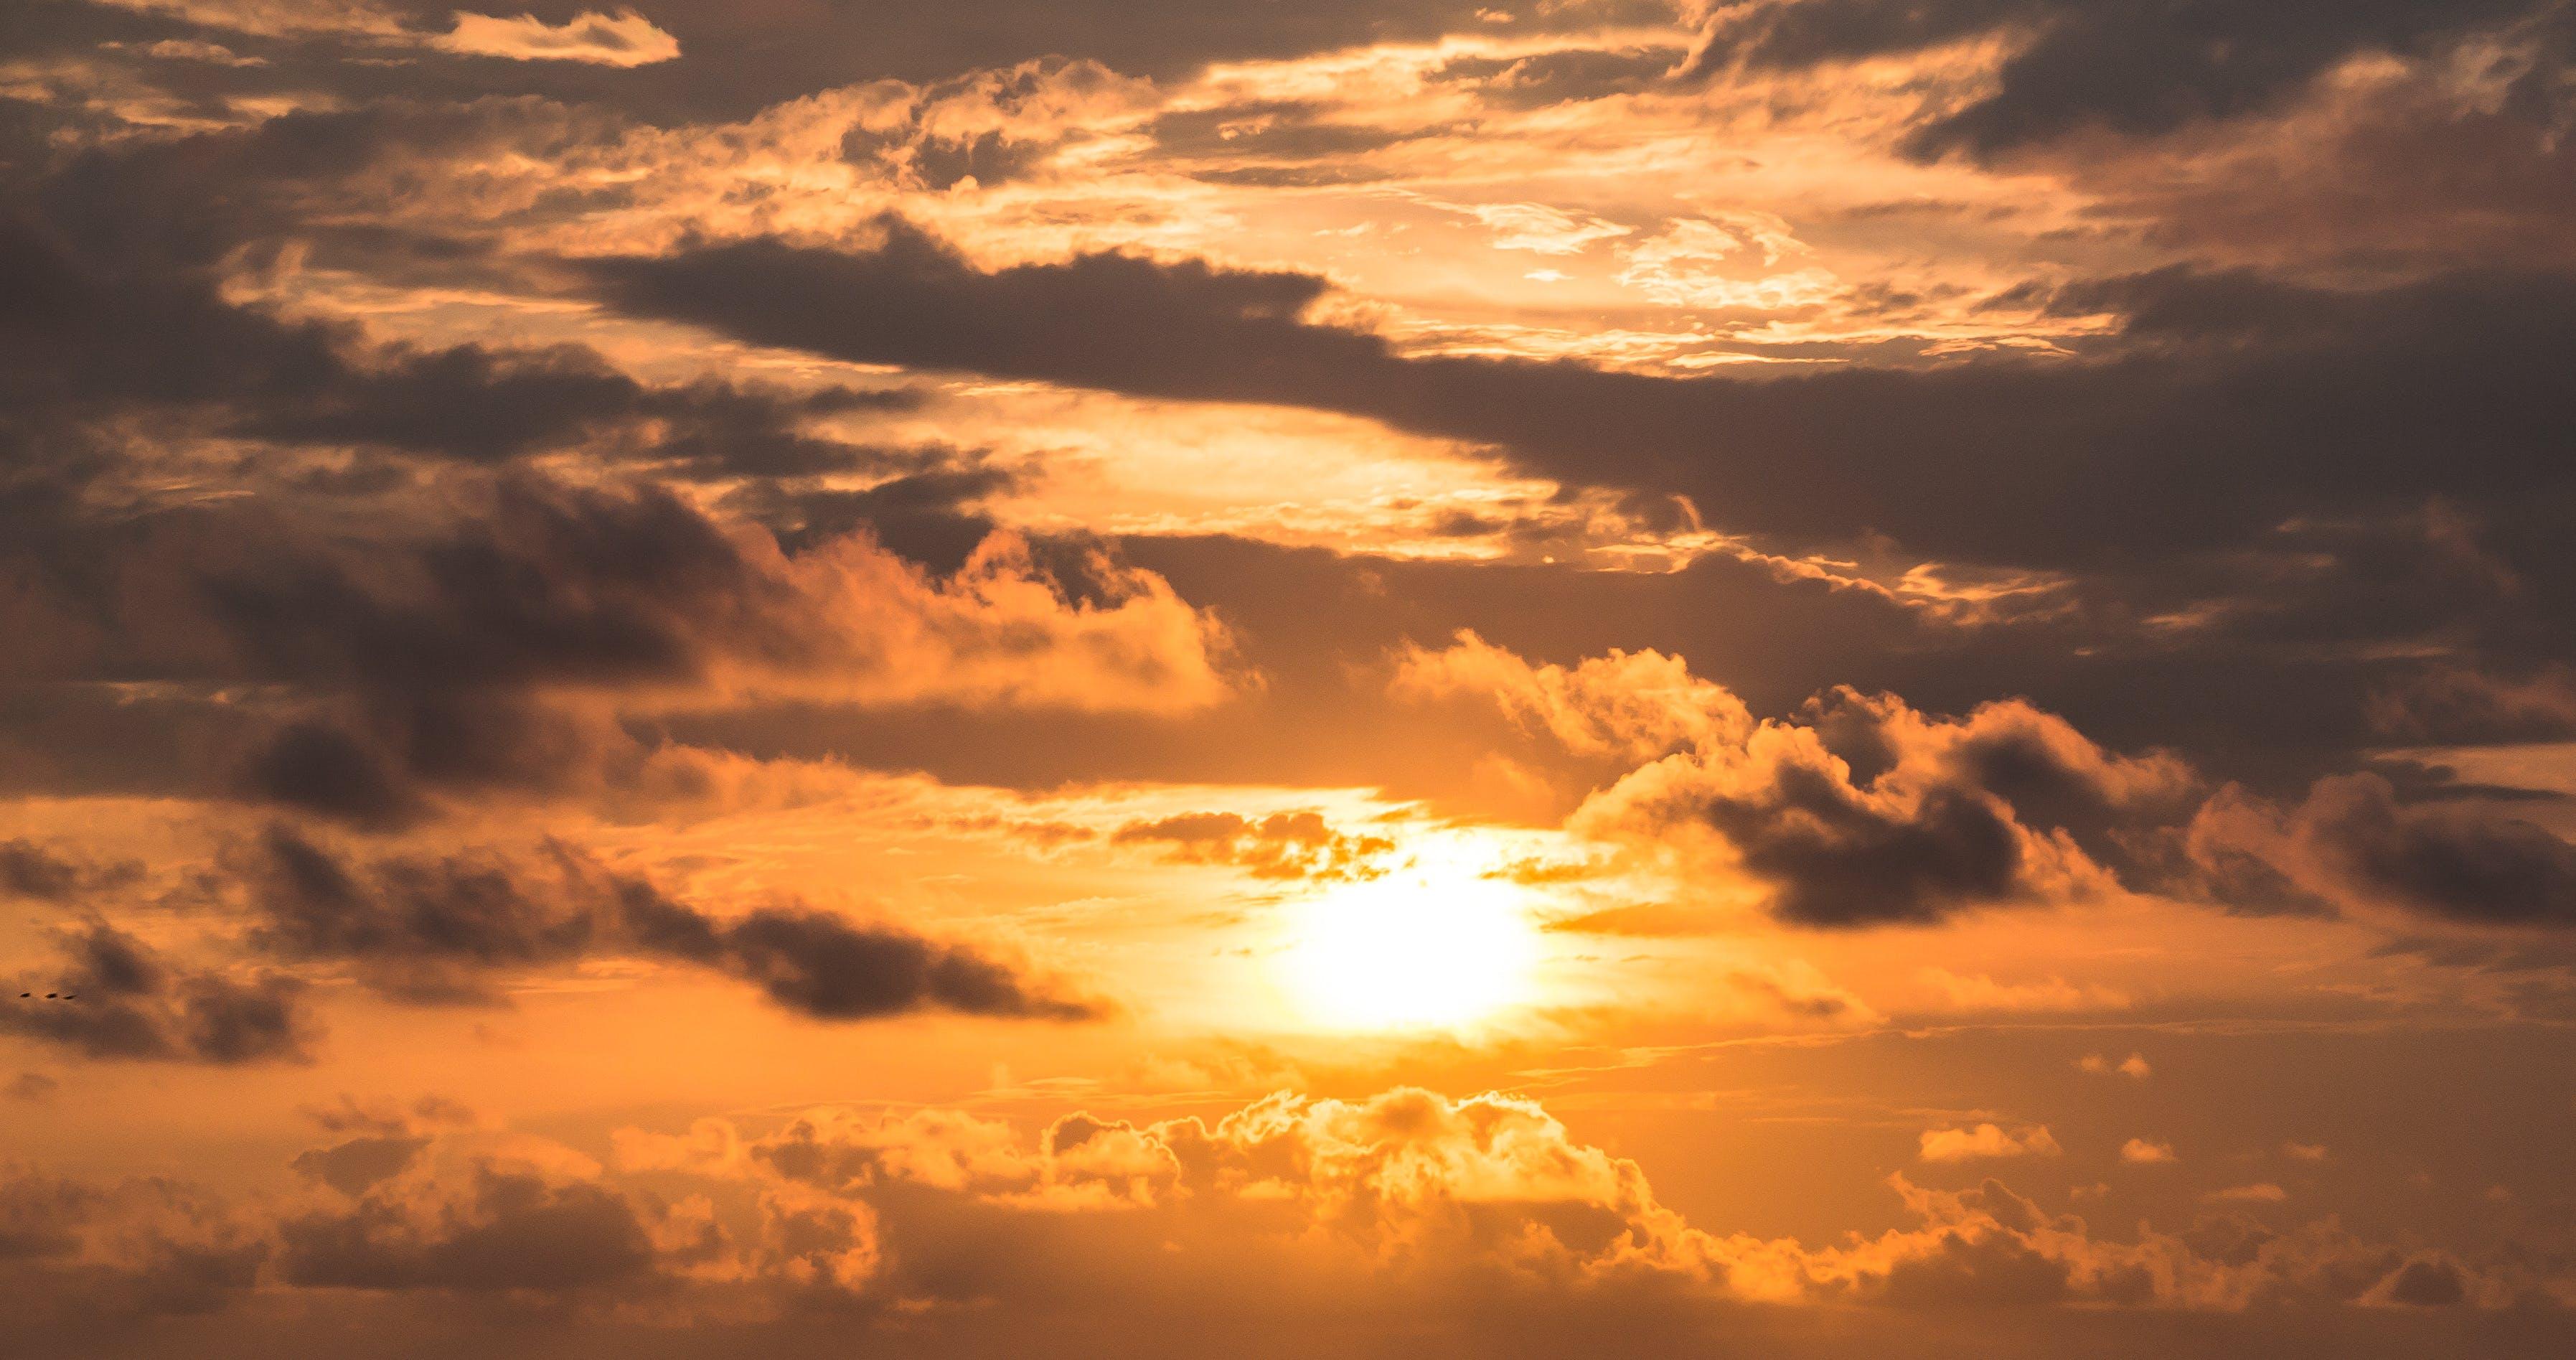 Kostenloses Stock Foto zu bewölkt, dämmerung, dunkle wolken, friedvoll